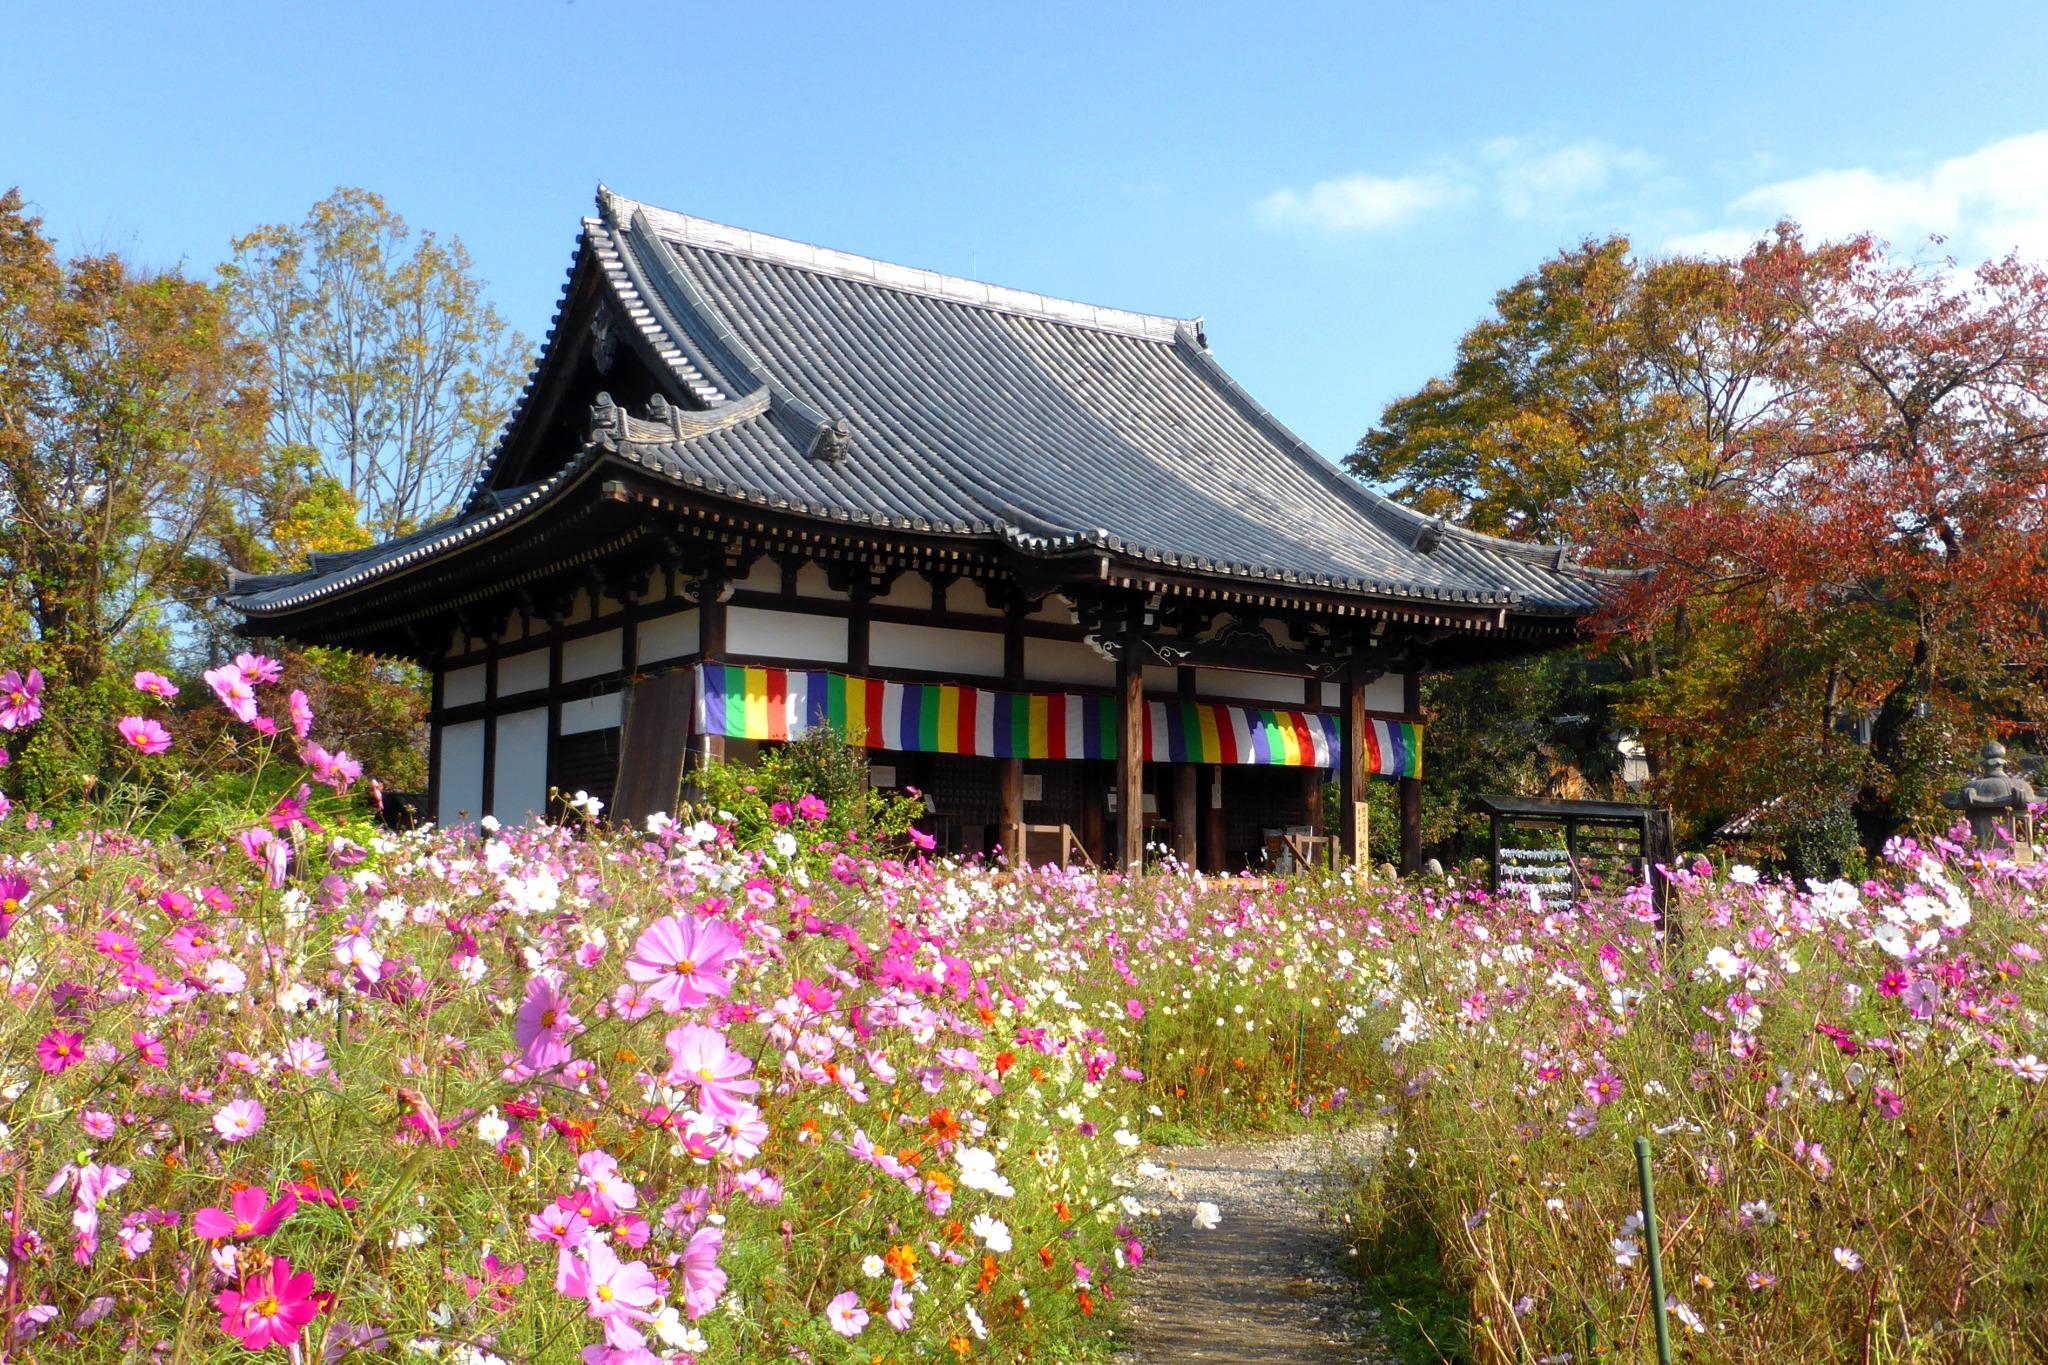 奈良市にある般若寺の本堂とコスモス